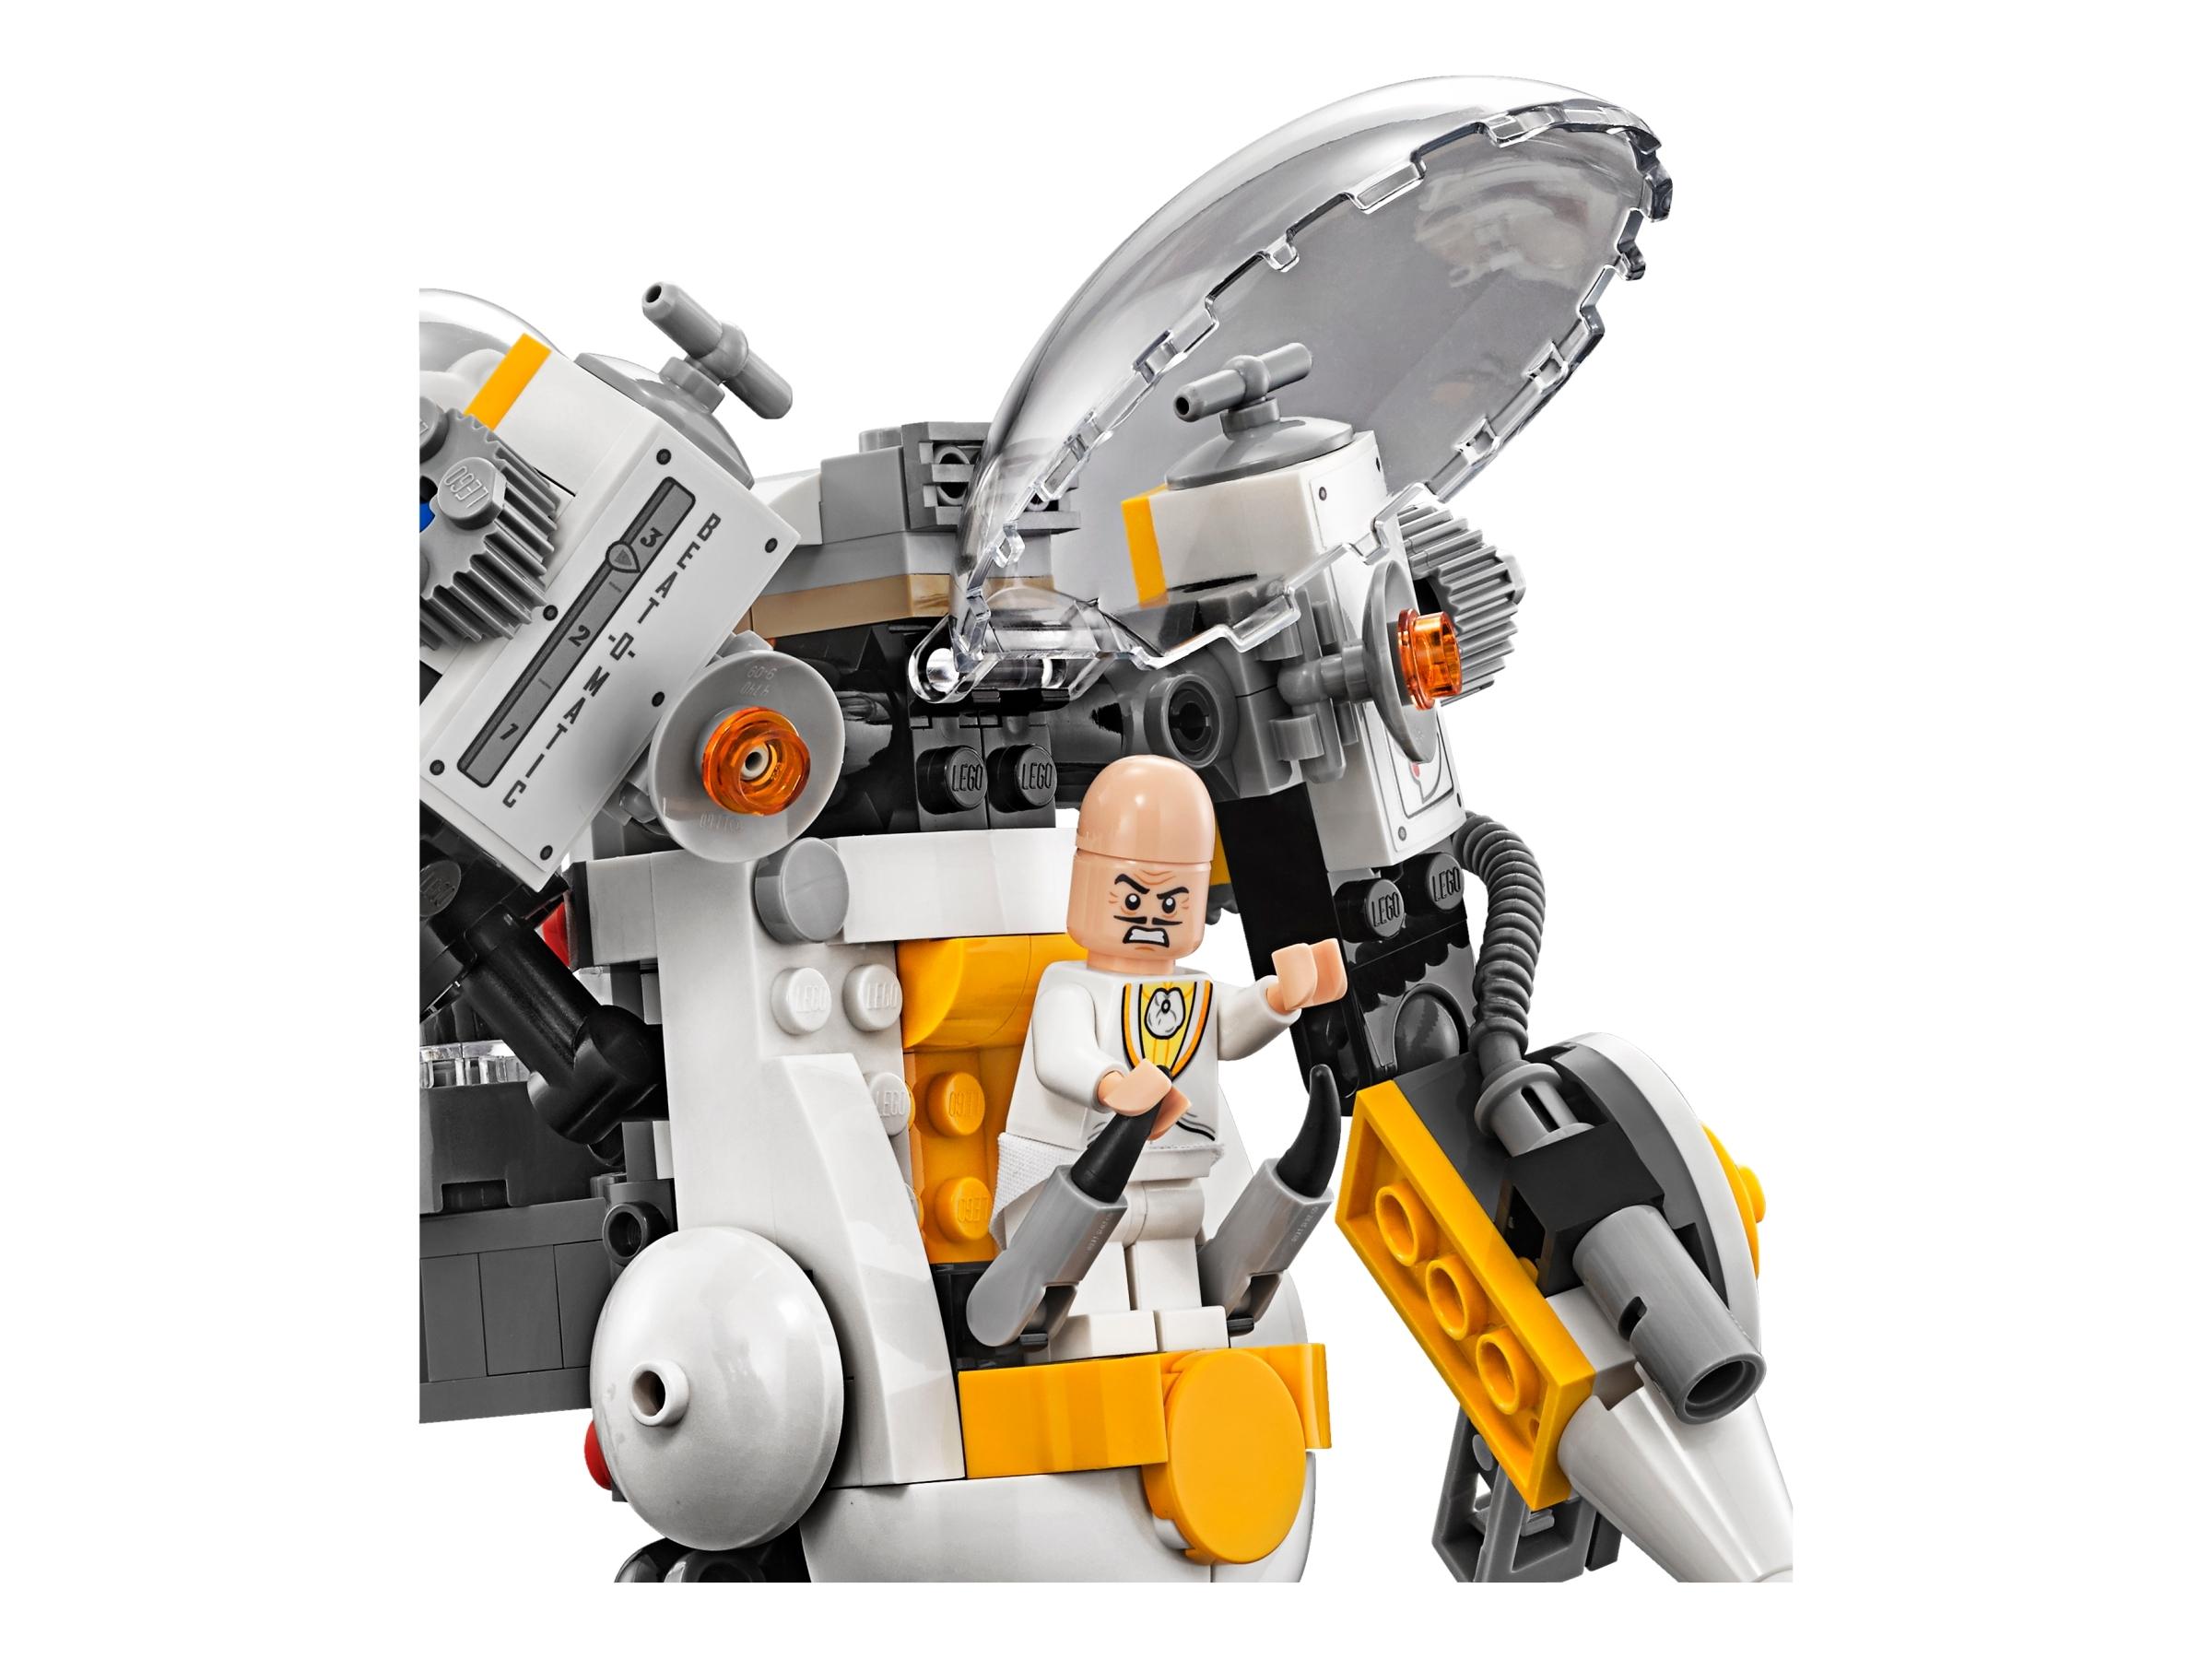 Lego BATMAN MOVIE DC Egghead Mech Food Fight 70920 Sealed Gift Toy